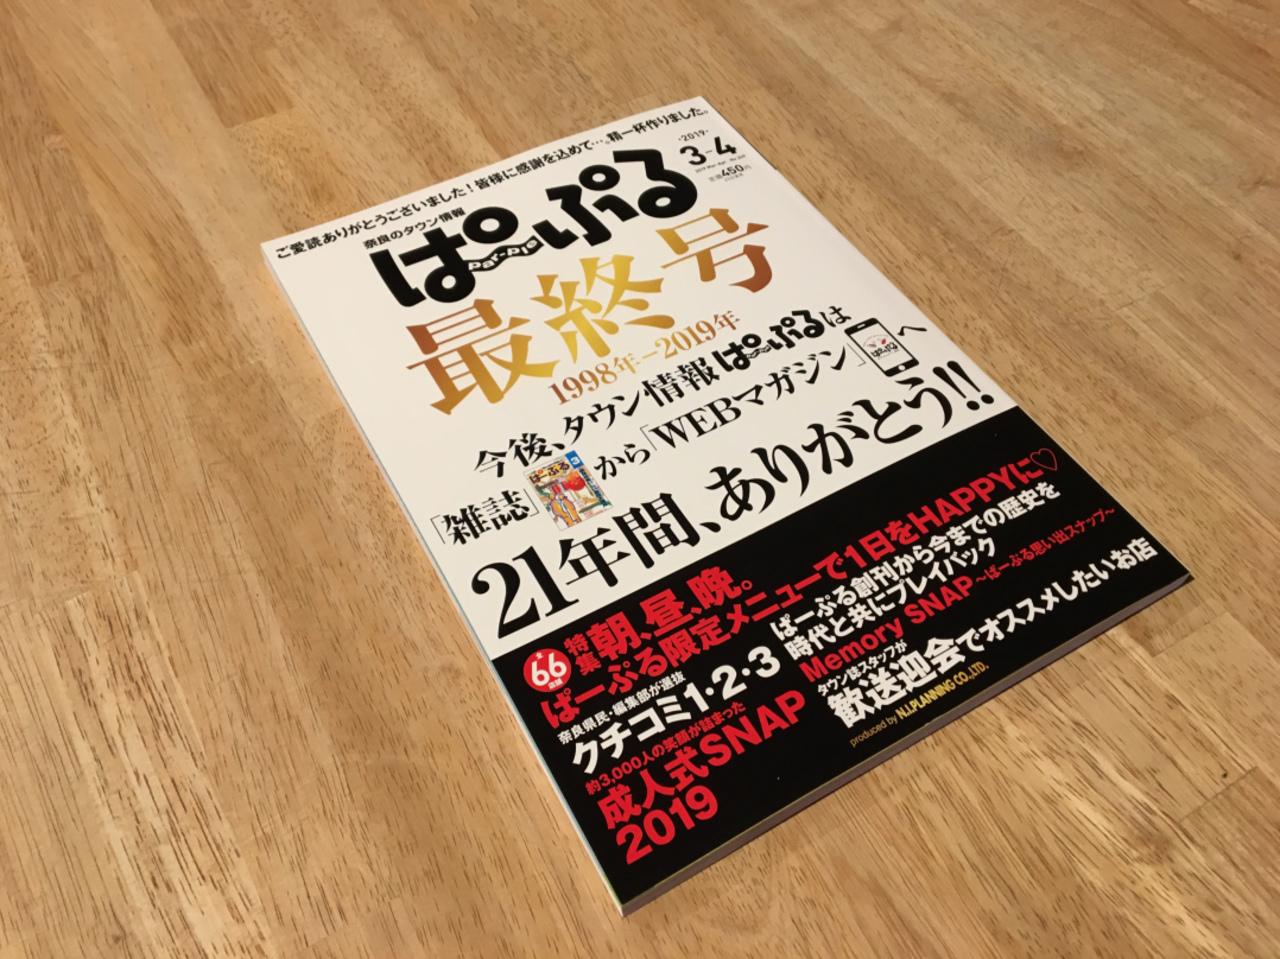 奈良のタウン情報誌ぱーぷる最終号 クチコミランキング ひとときの贅沢1・2・3